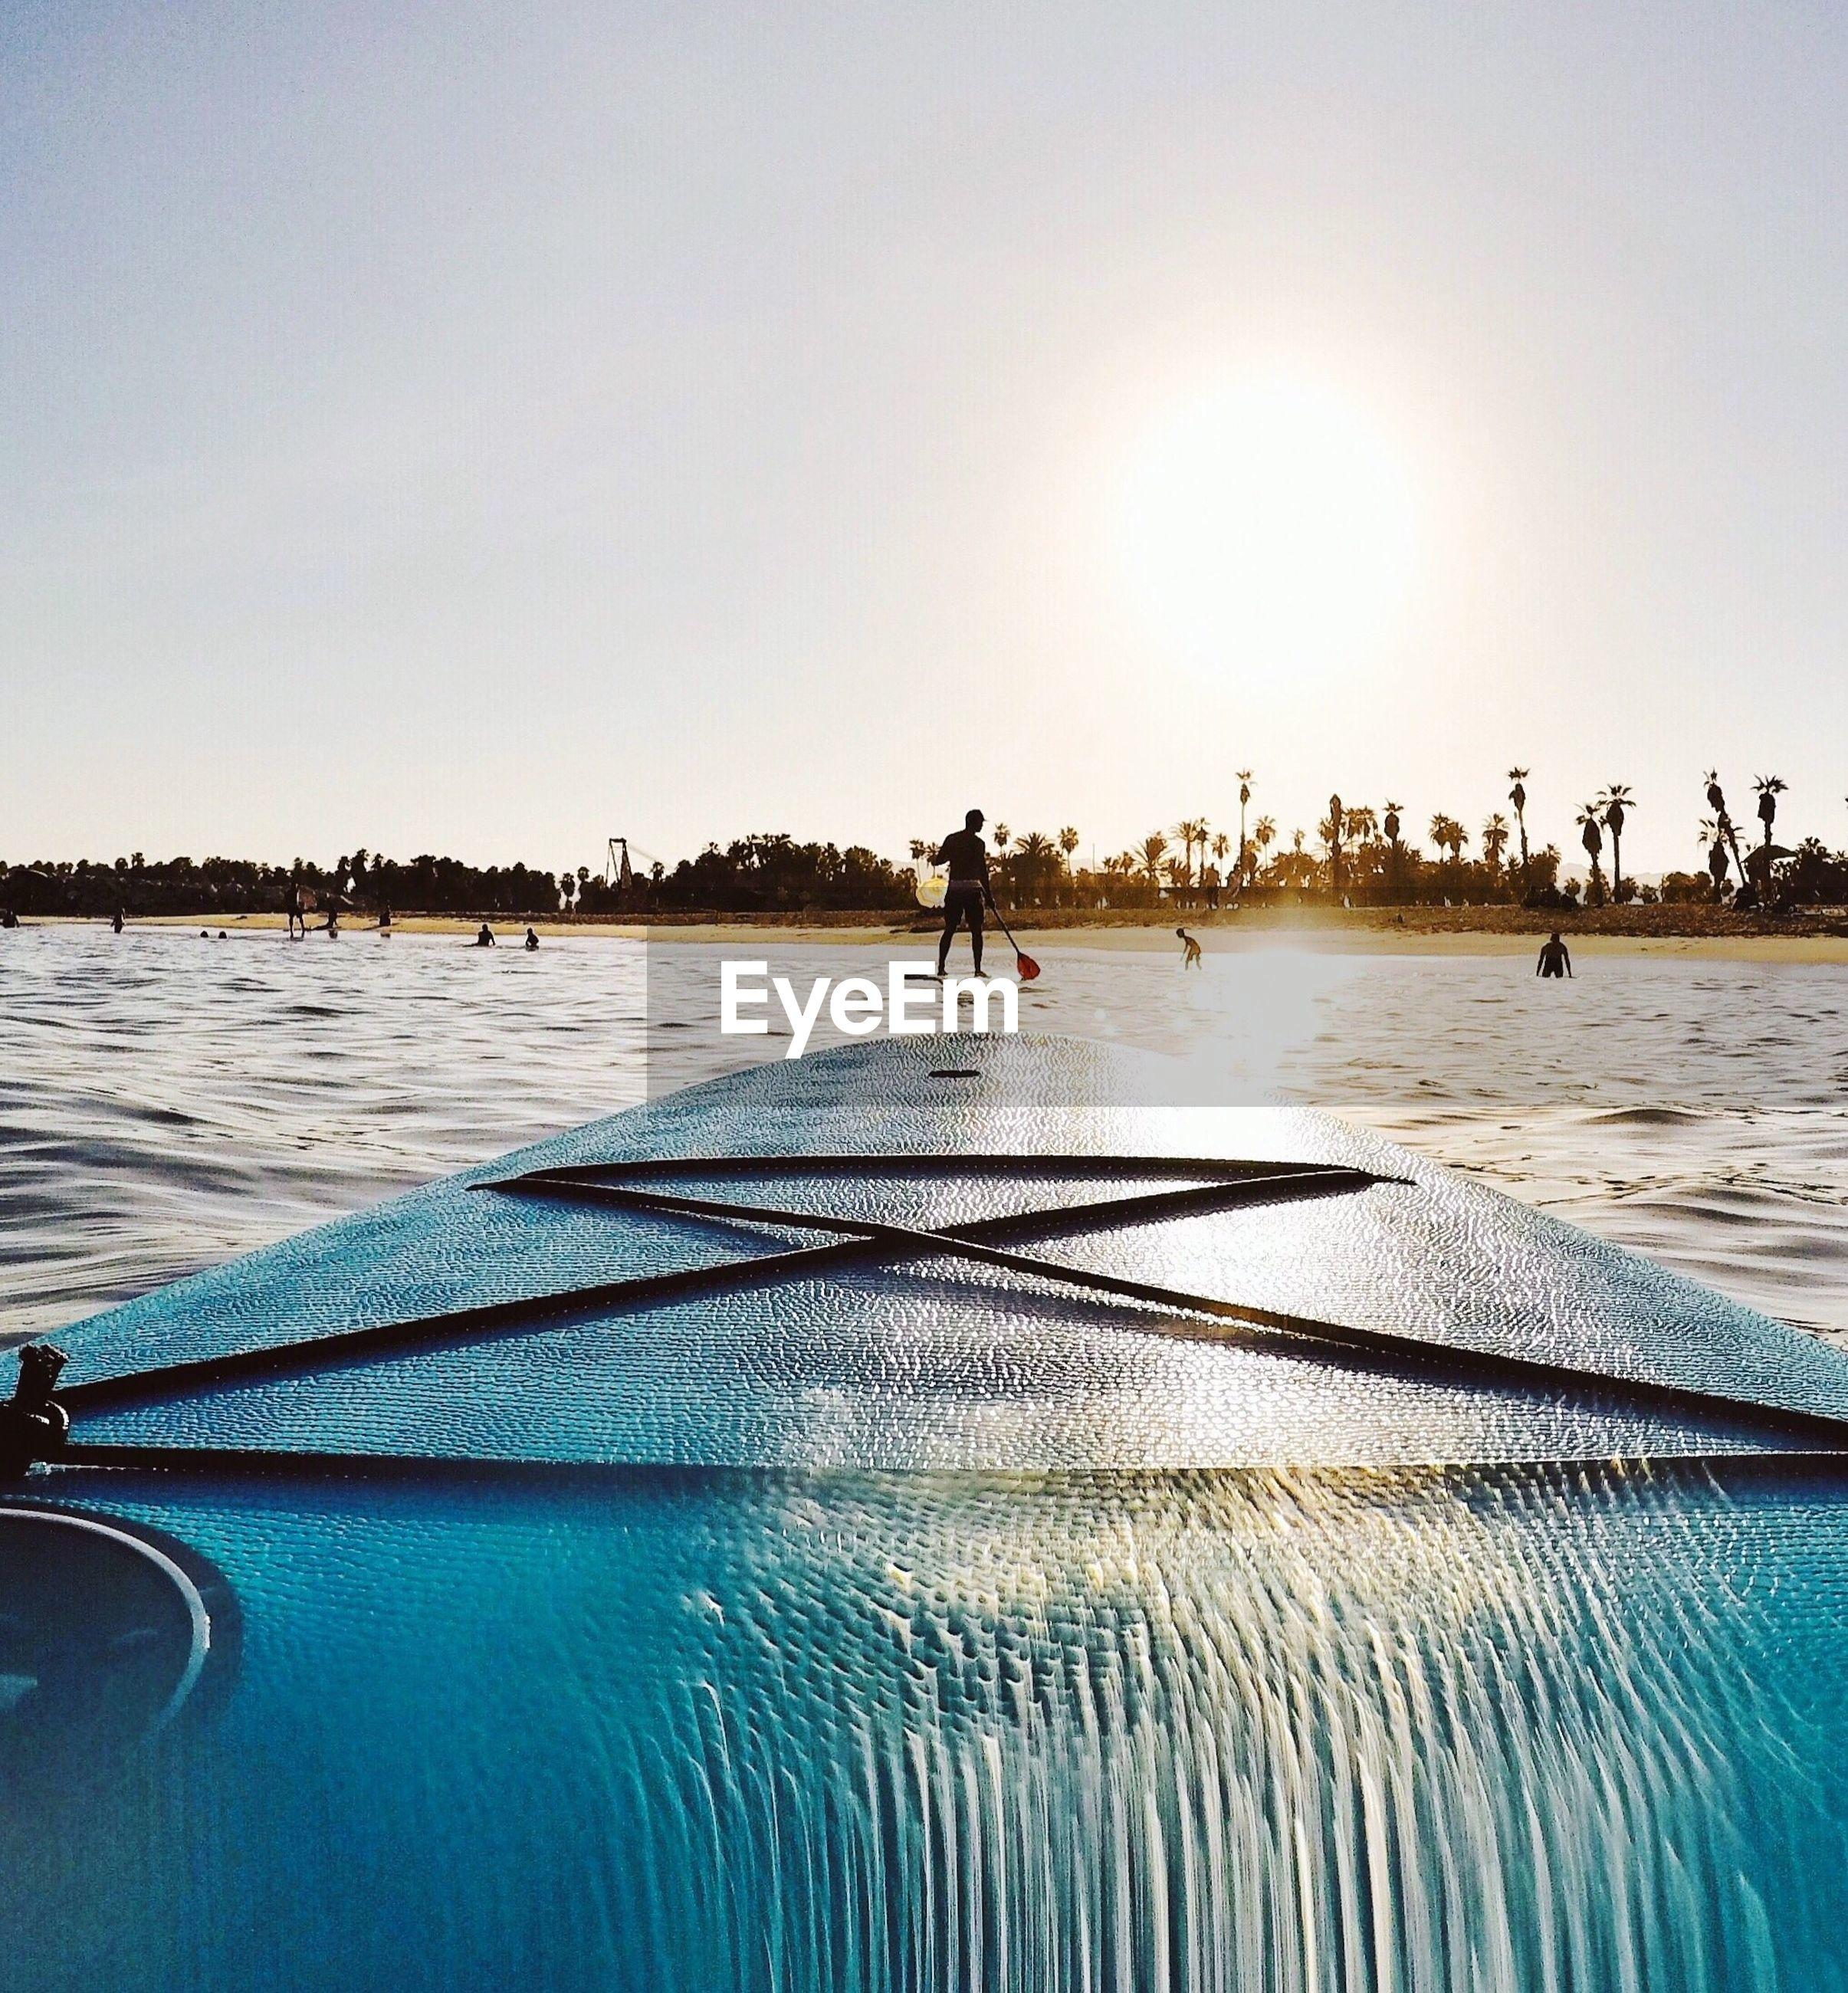 Surfboard on sea against sky at beach